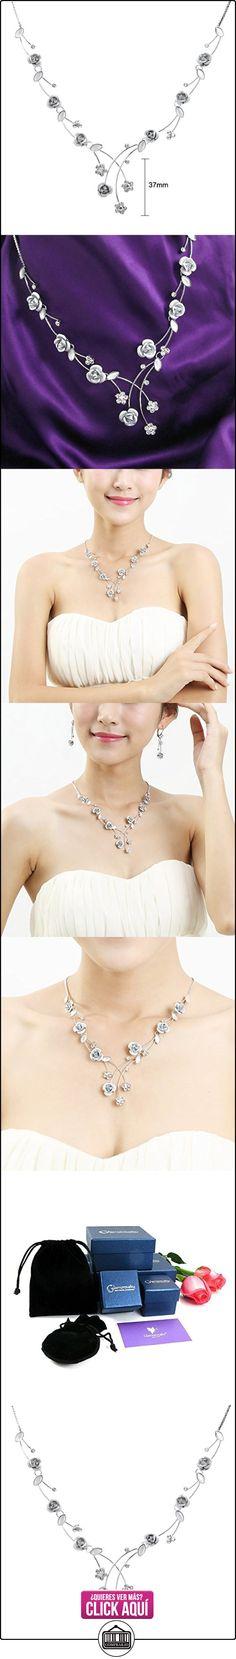 Glamorousky Elegante Collar Rosa Con Cristales Del Elemento Del austriaco De Plata Y Cristal (965)  ✿ Joyas para mujer - Las mejores ofertas ✿ ▬► Ver oferta: https://comprar.io/goto/B005J09XKY